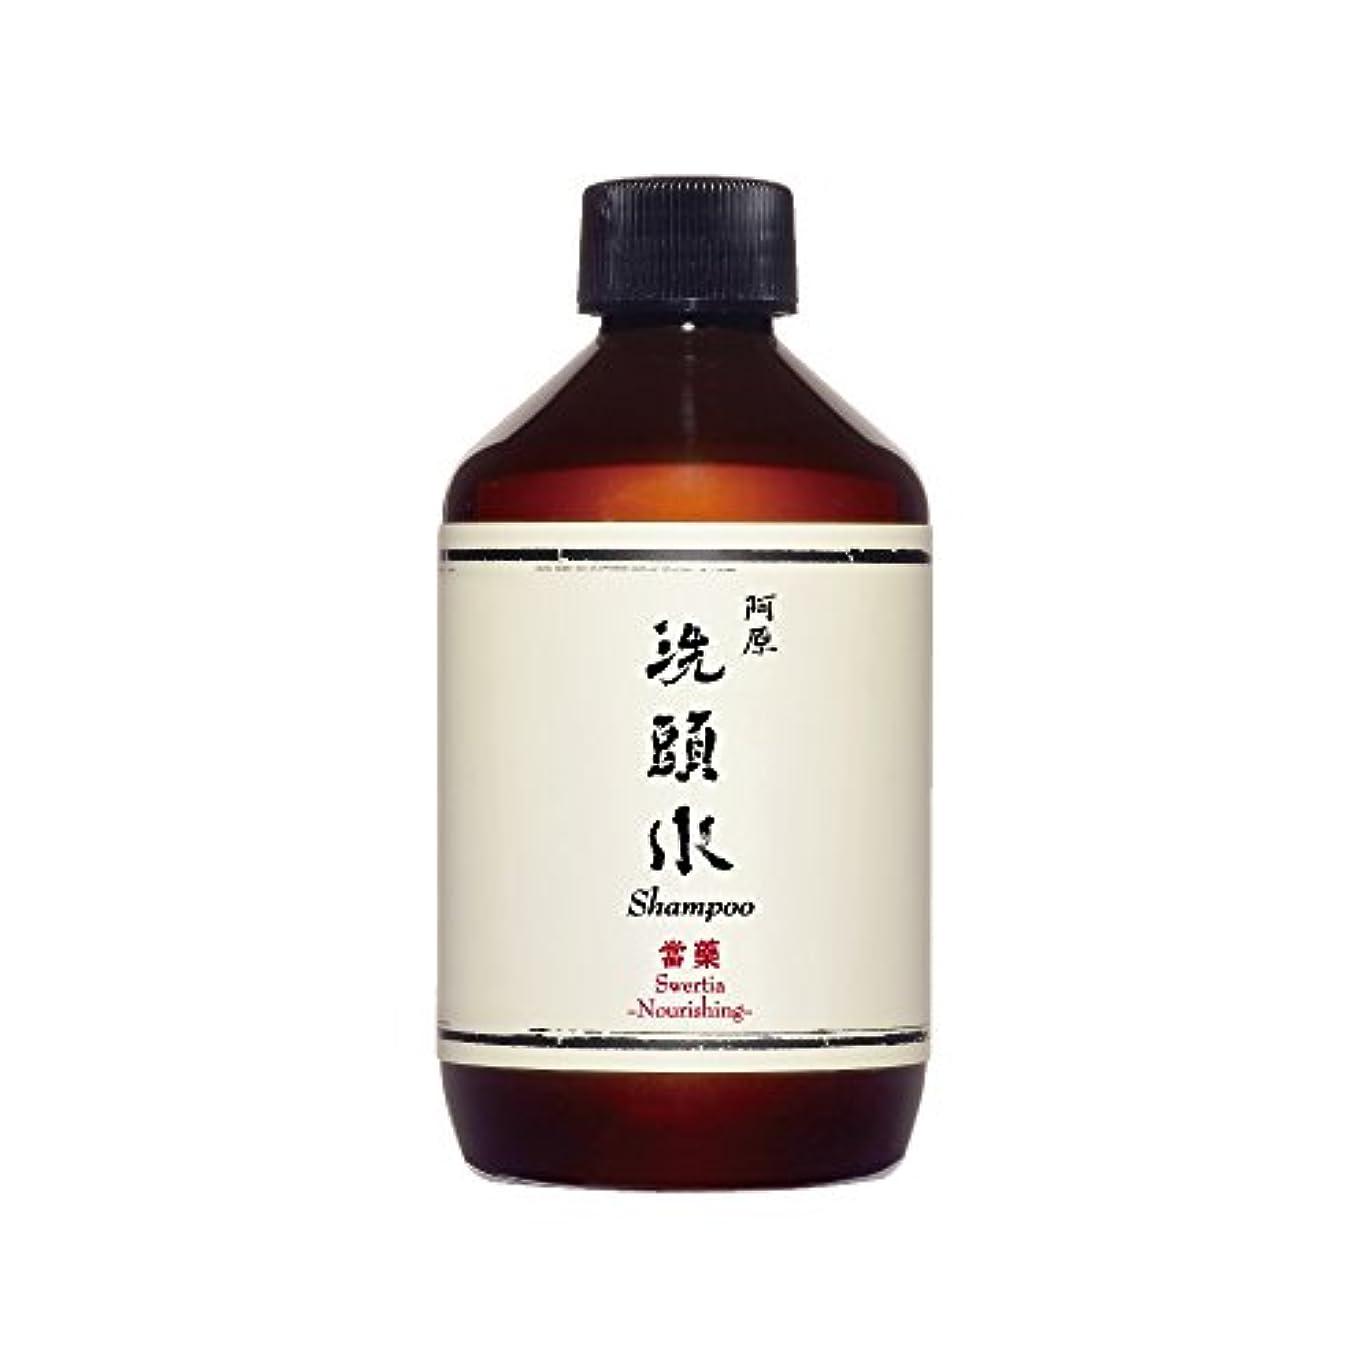 人気歴史的検体YUAN(ユアン) 當藥(センブリ)スカルプシャンプー 50ml